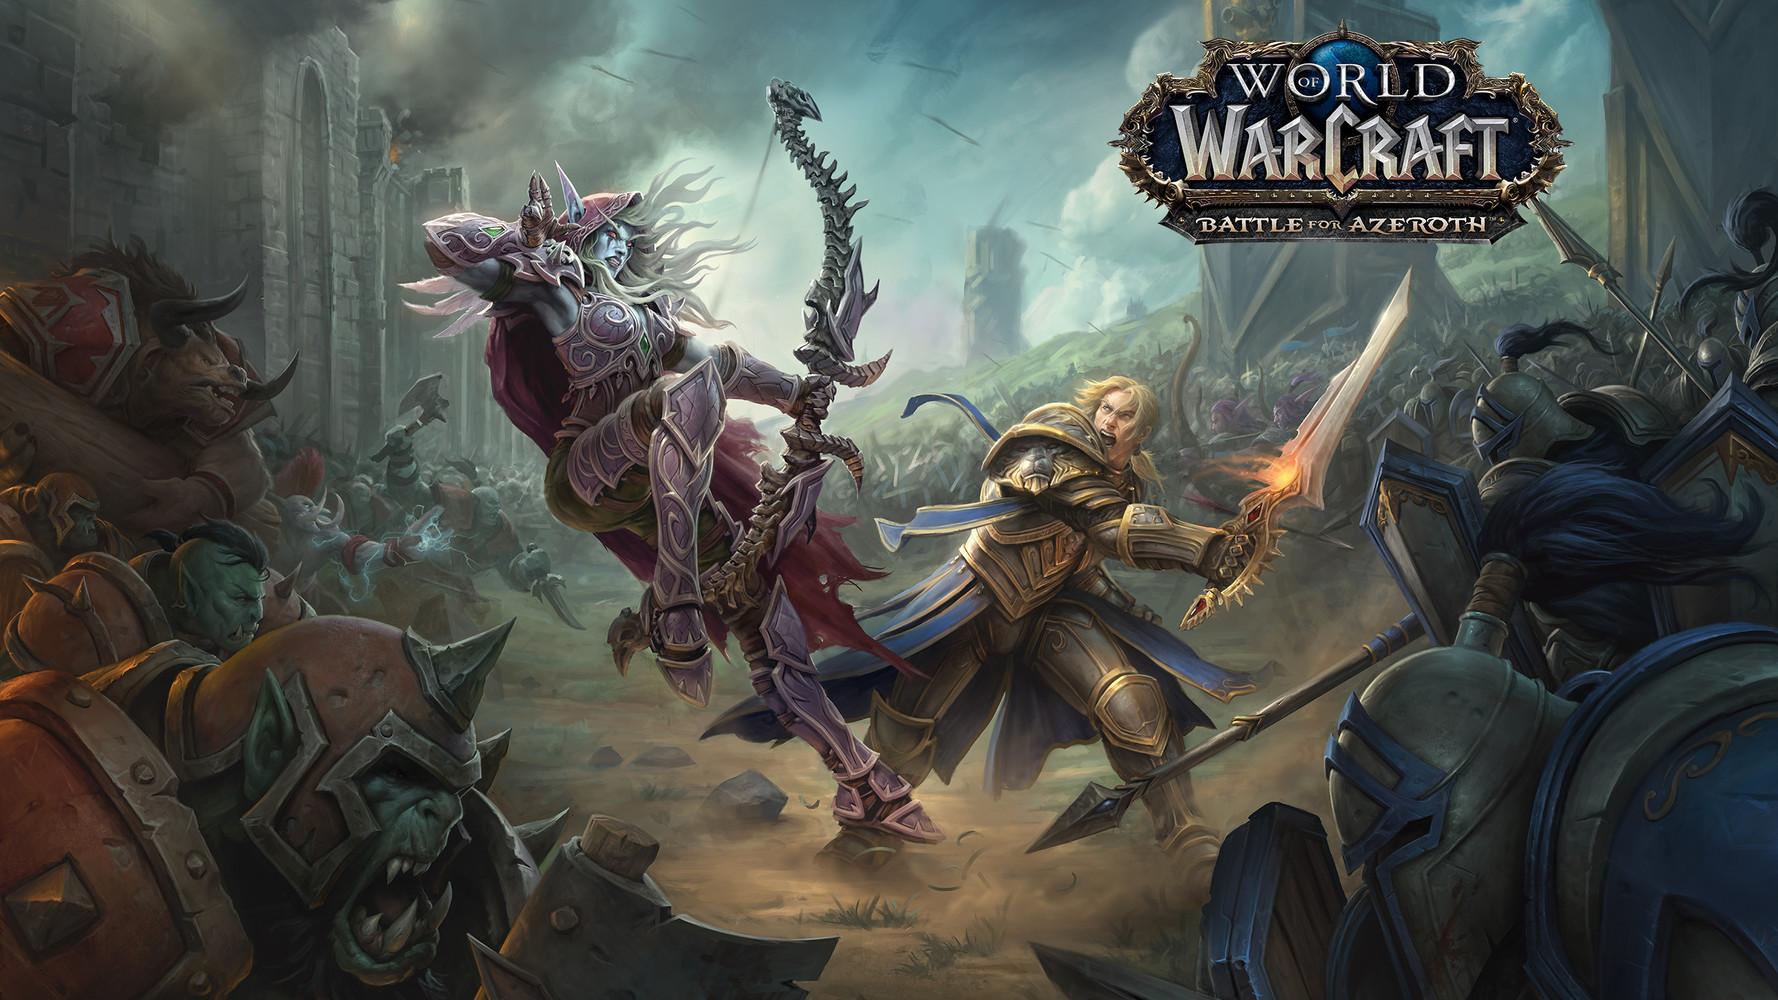 Nvidia GeForce kaart voor de nieuwste WoW expansion